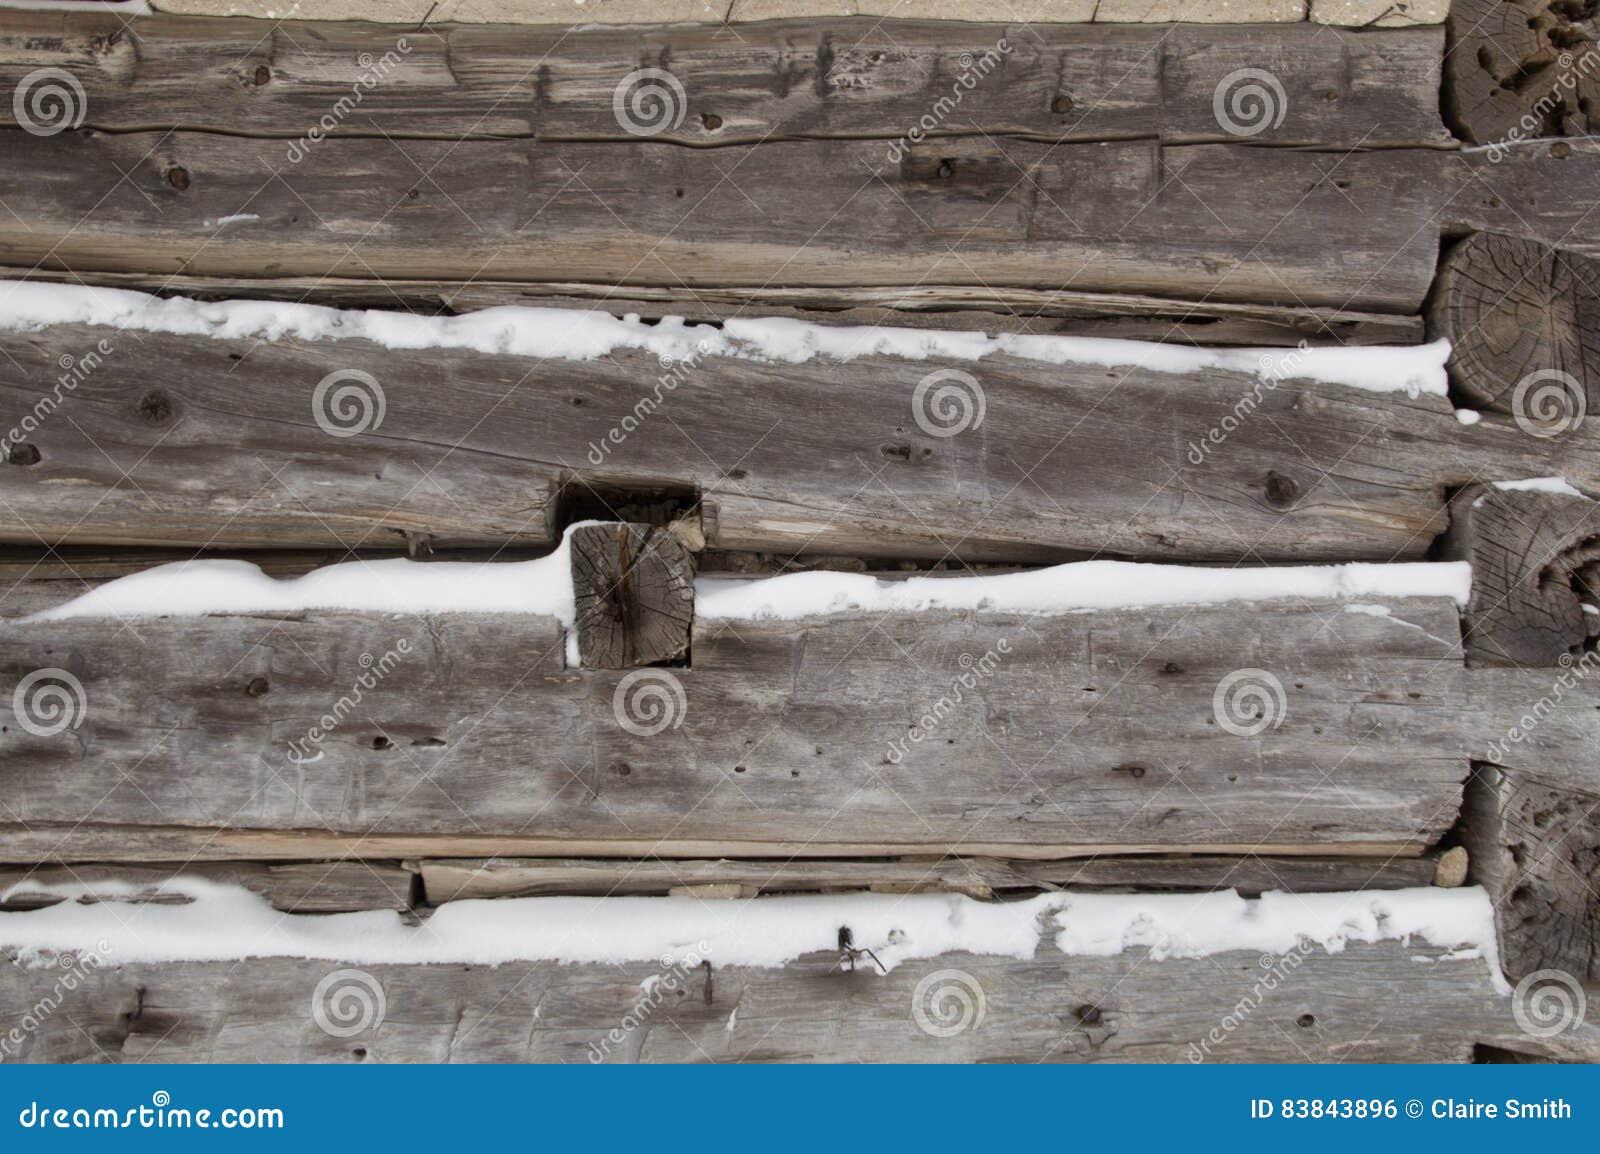 La cabaña de madera aserró registros para arrinconar el primer con nieve mientras tanto